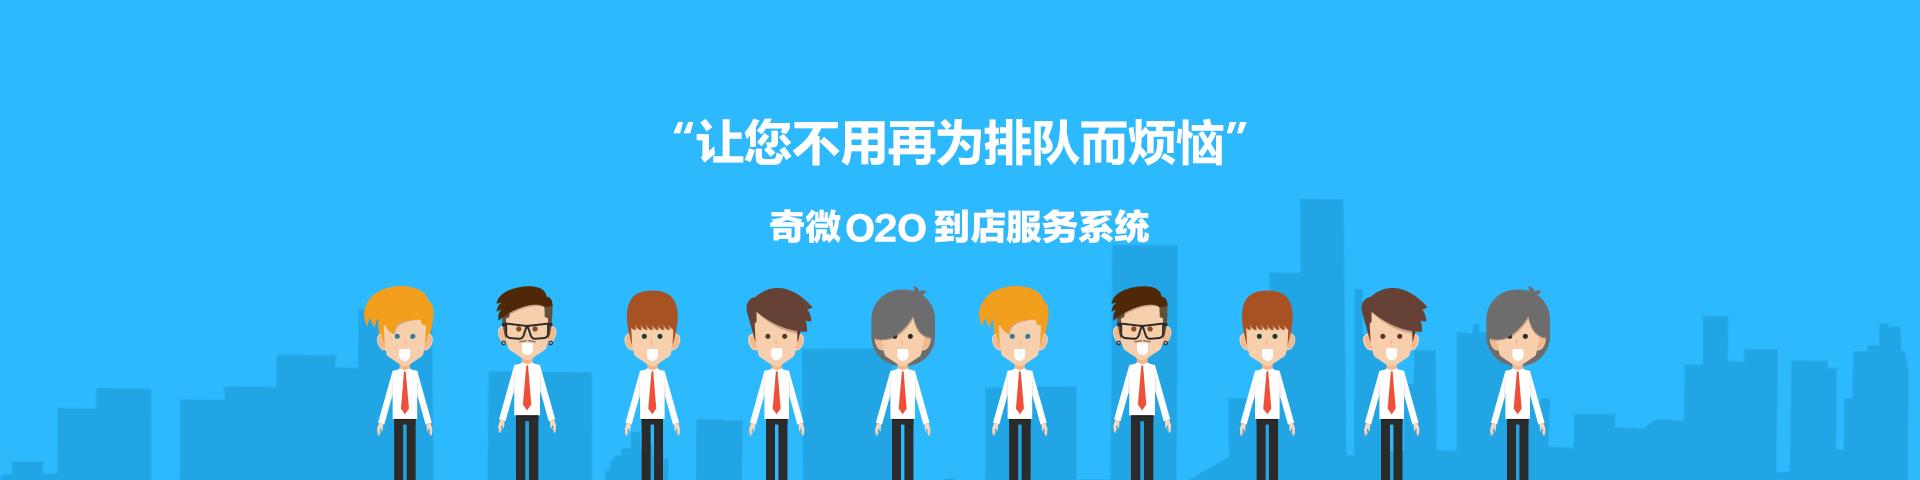 奇微O2O到店服务系统欧宝体育网址